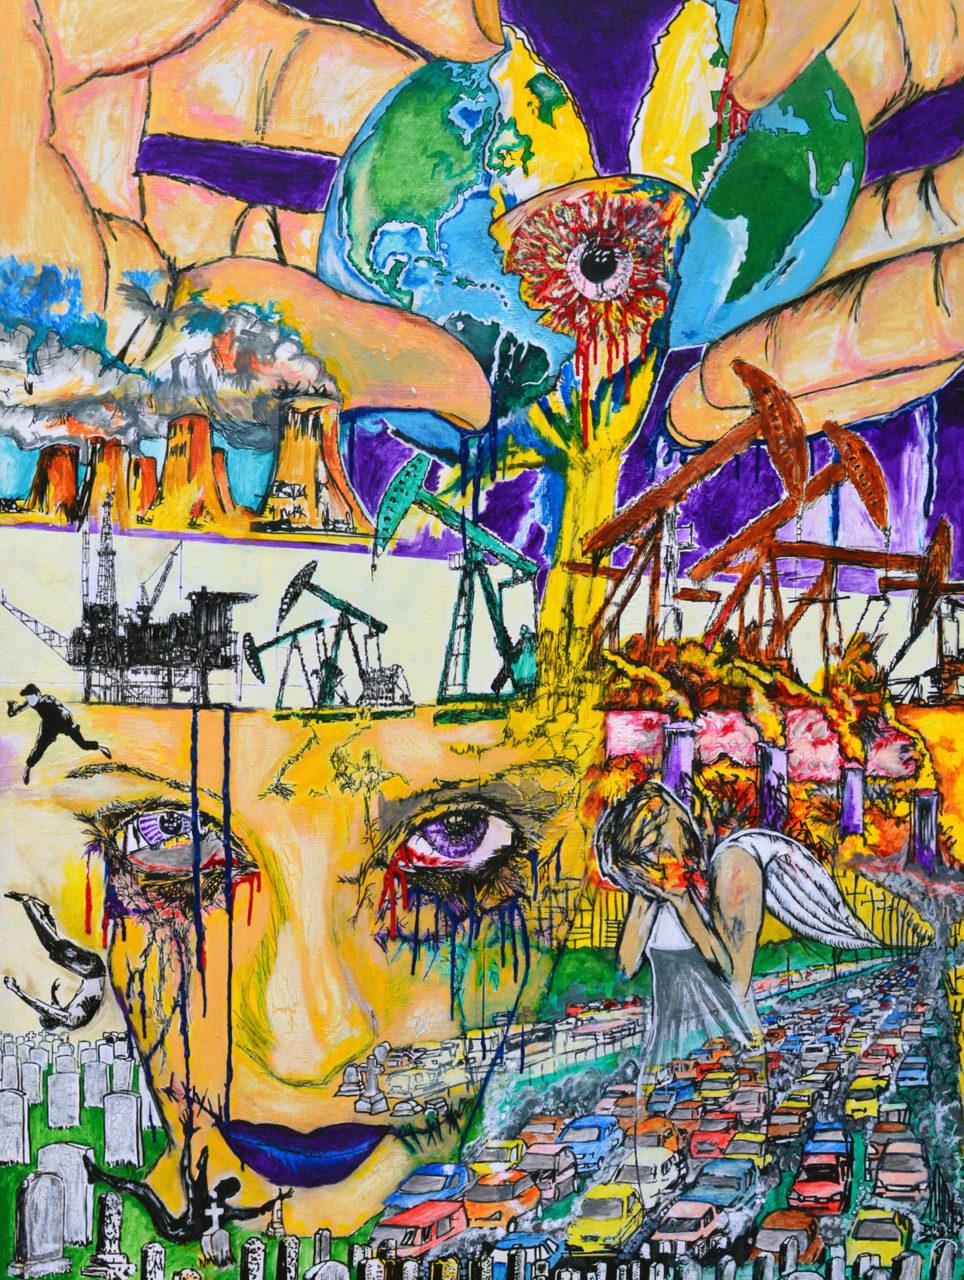 Earth Has Spoken - Thomas Dillon